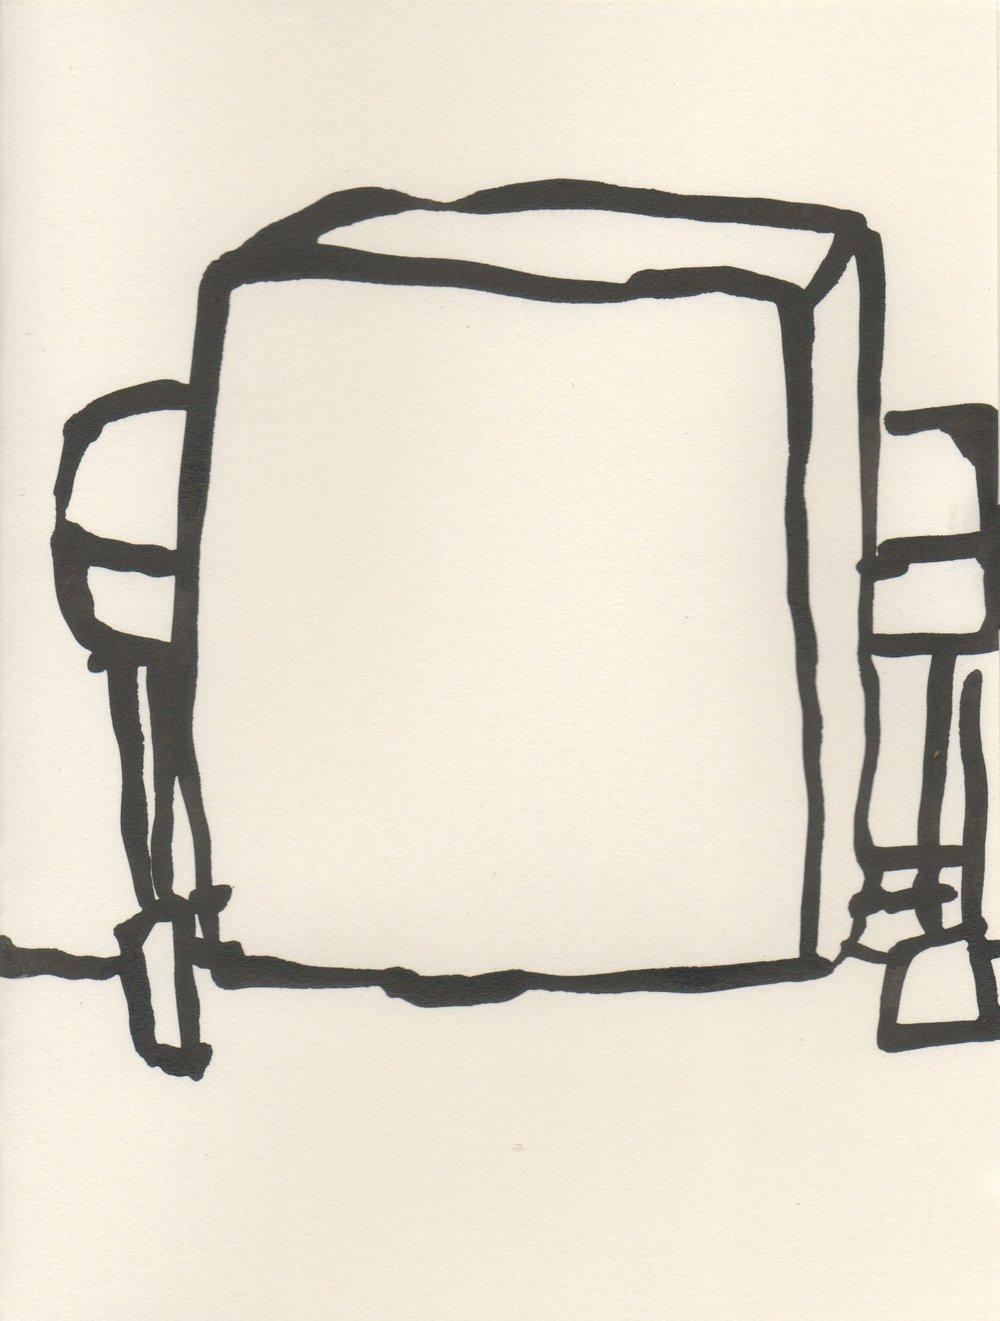 Plex Box